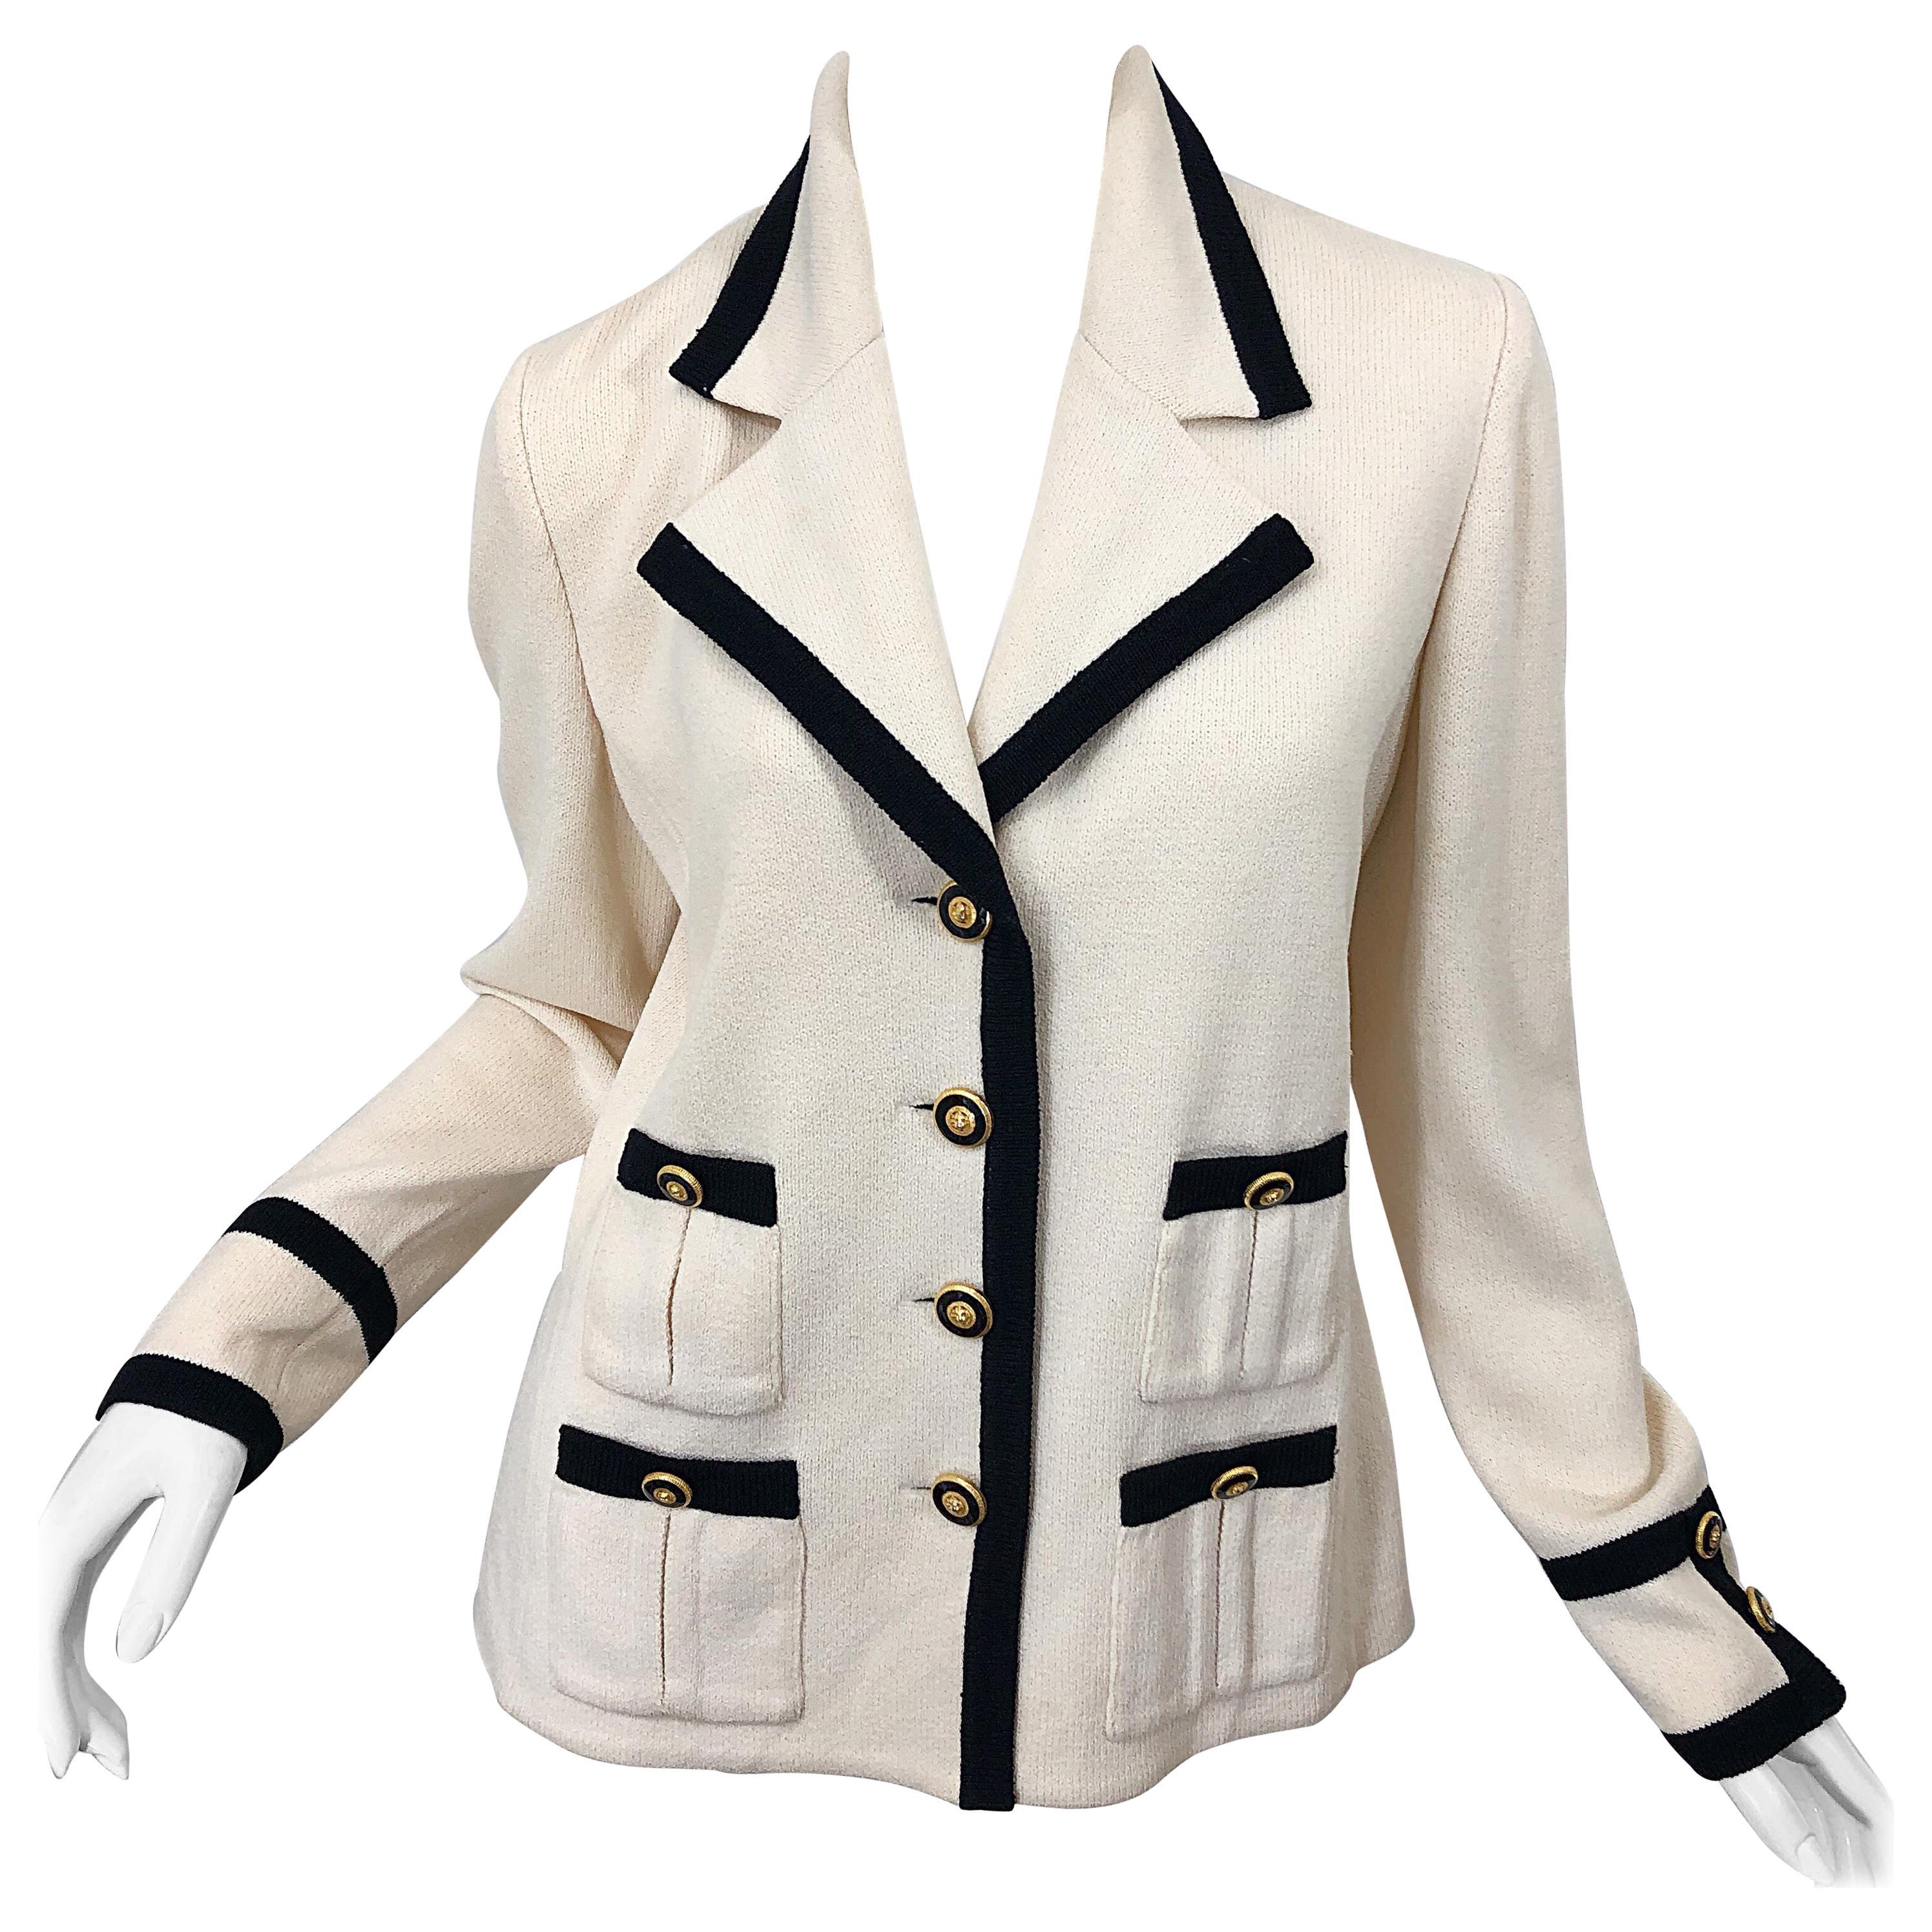 Vintage St John Size 6 / 8 Ivory and Black 1990s Santana Knit 90s Blazer Jacket